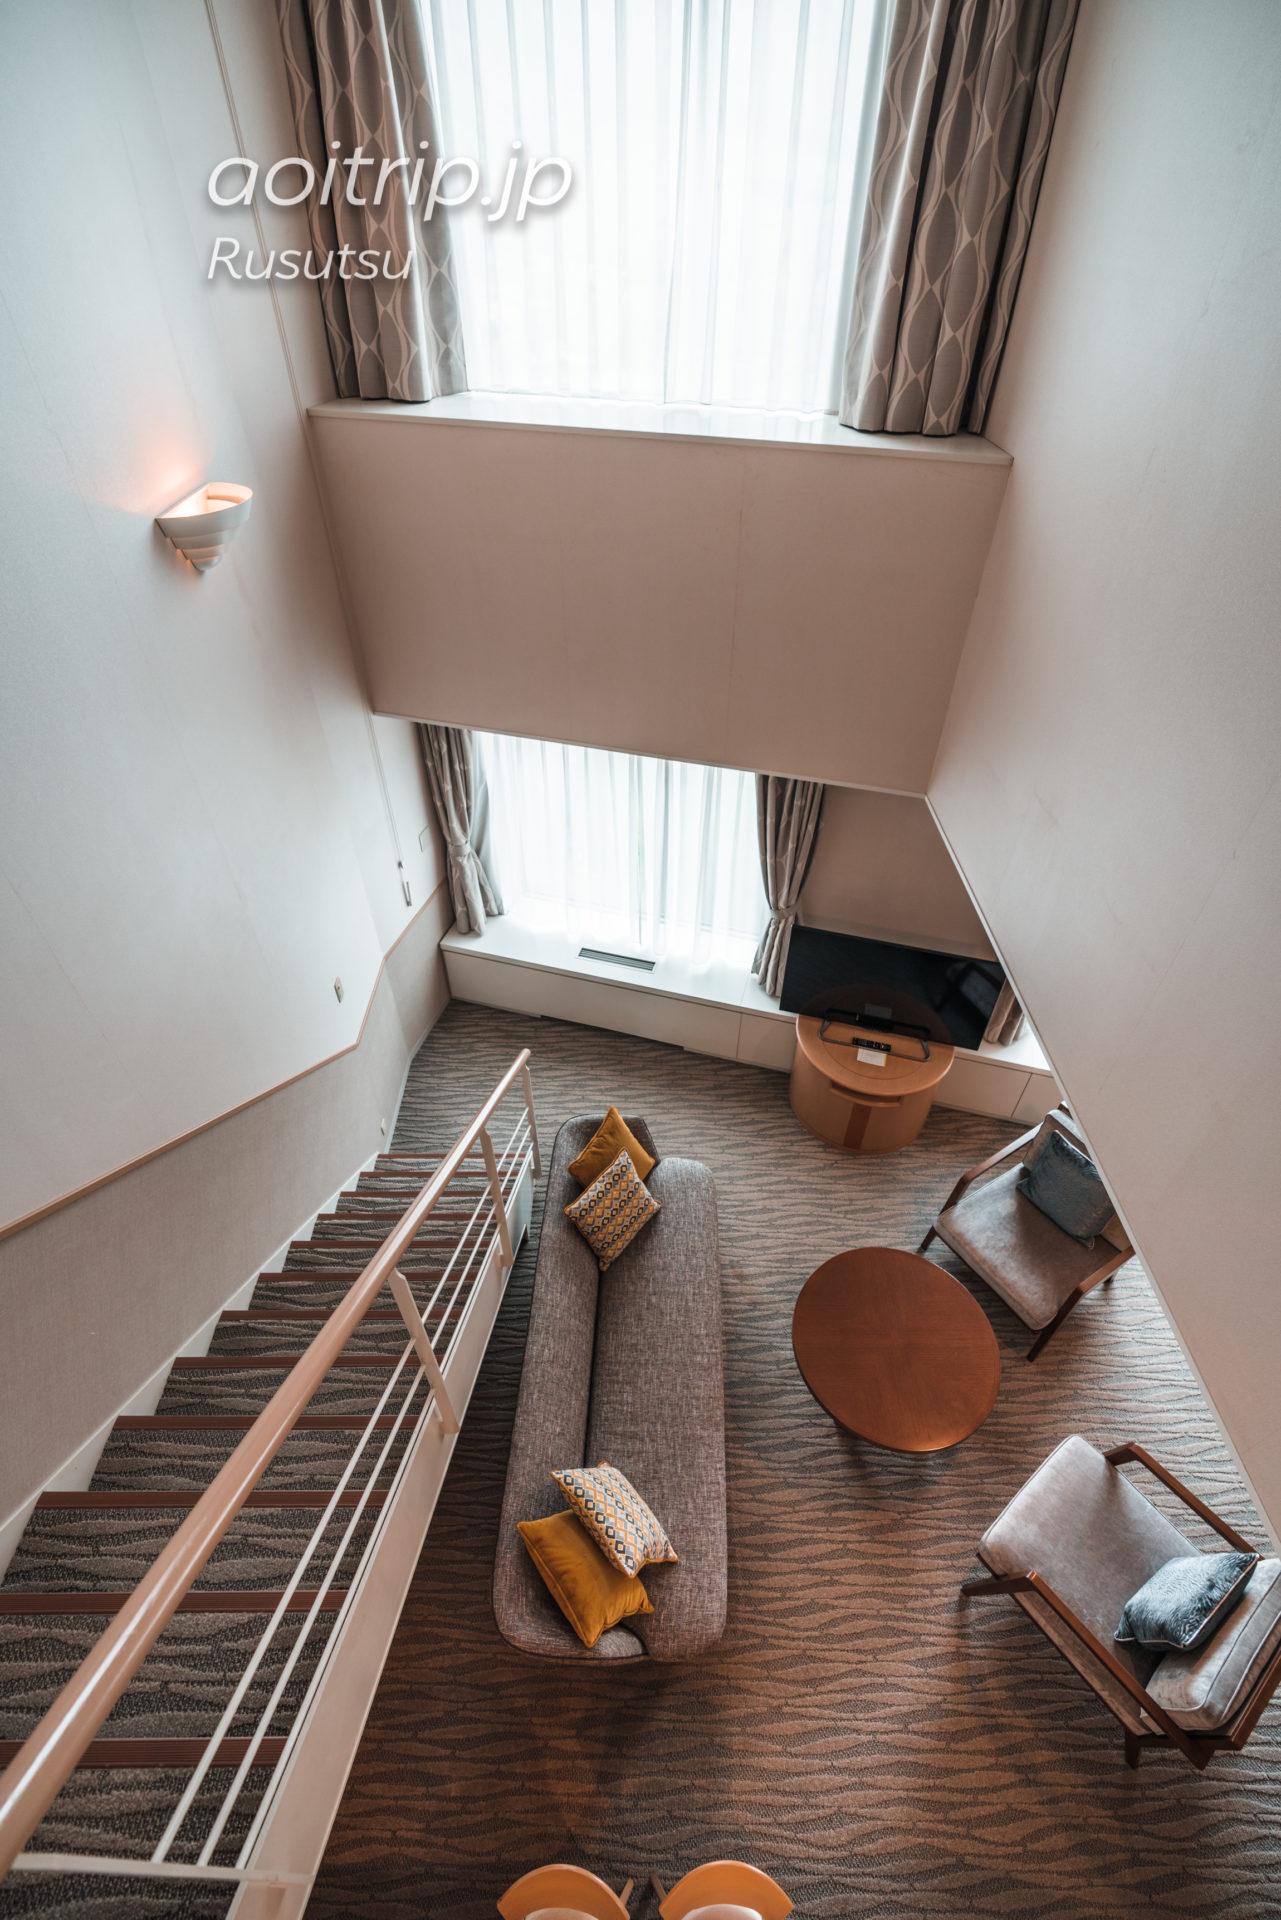 ウェスティン ルスツリゾート The Westin Rusutsu Resort スイートルームの客室